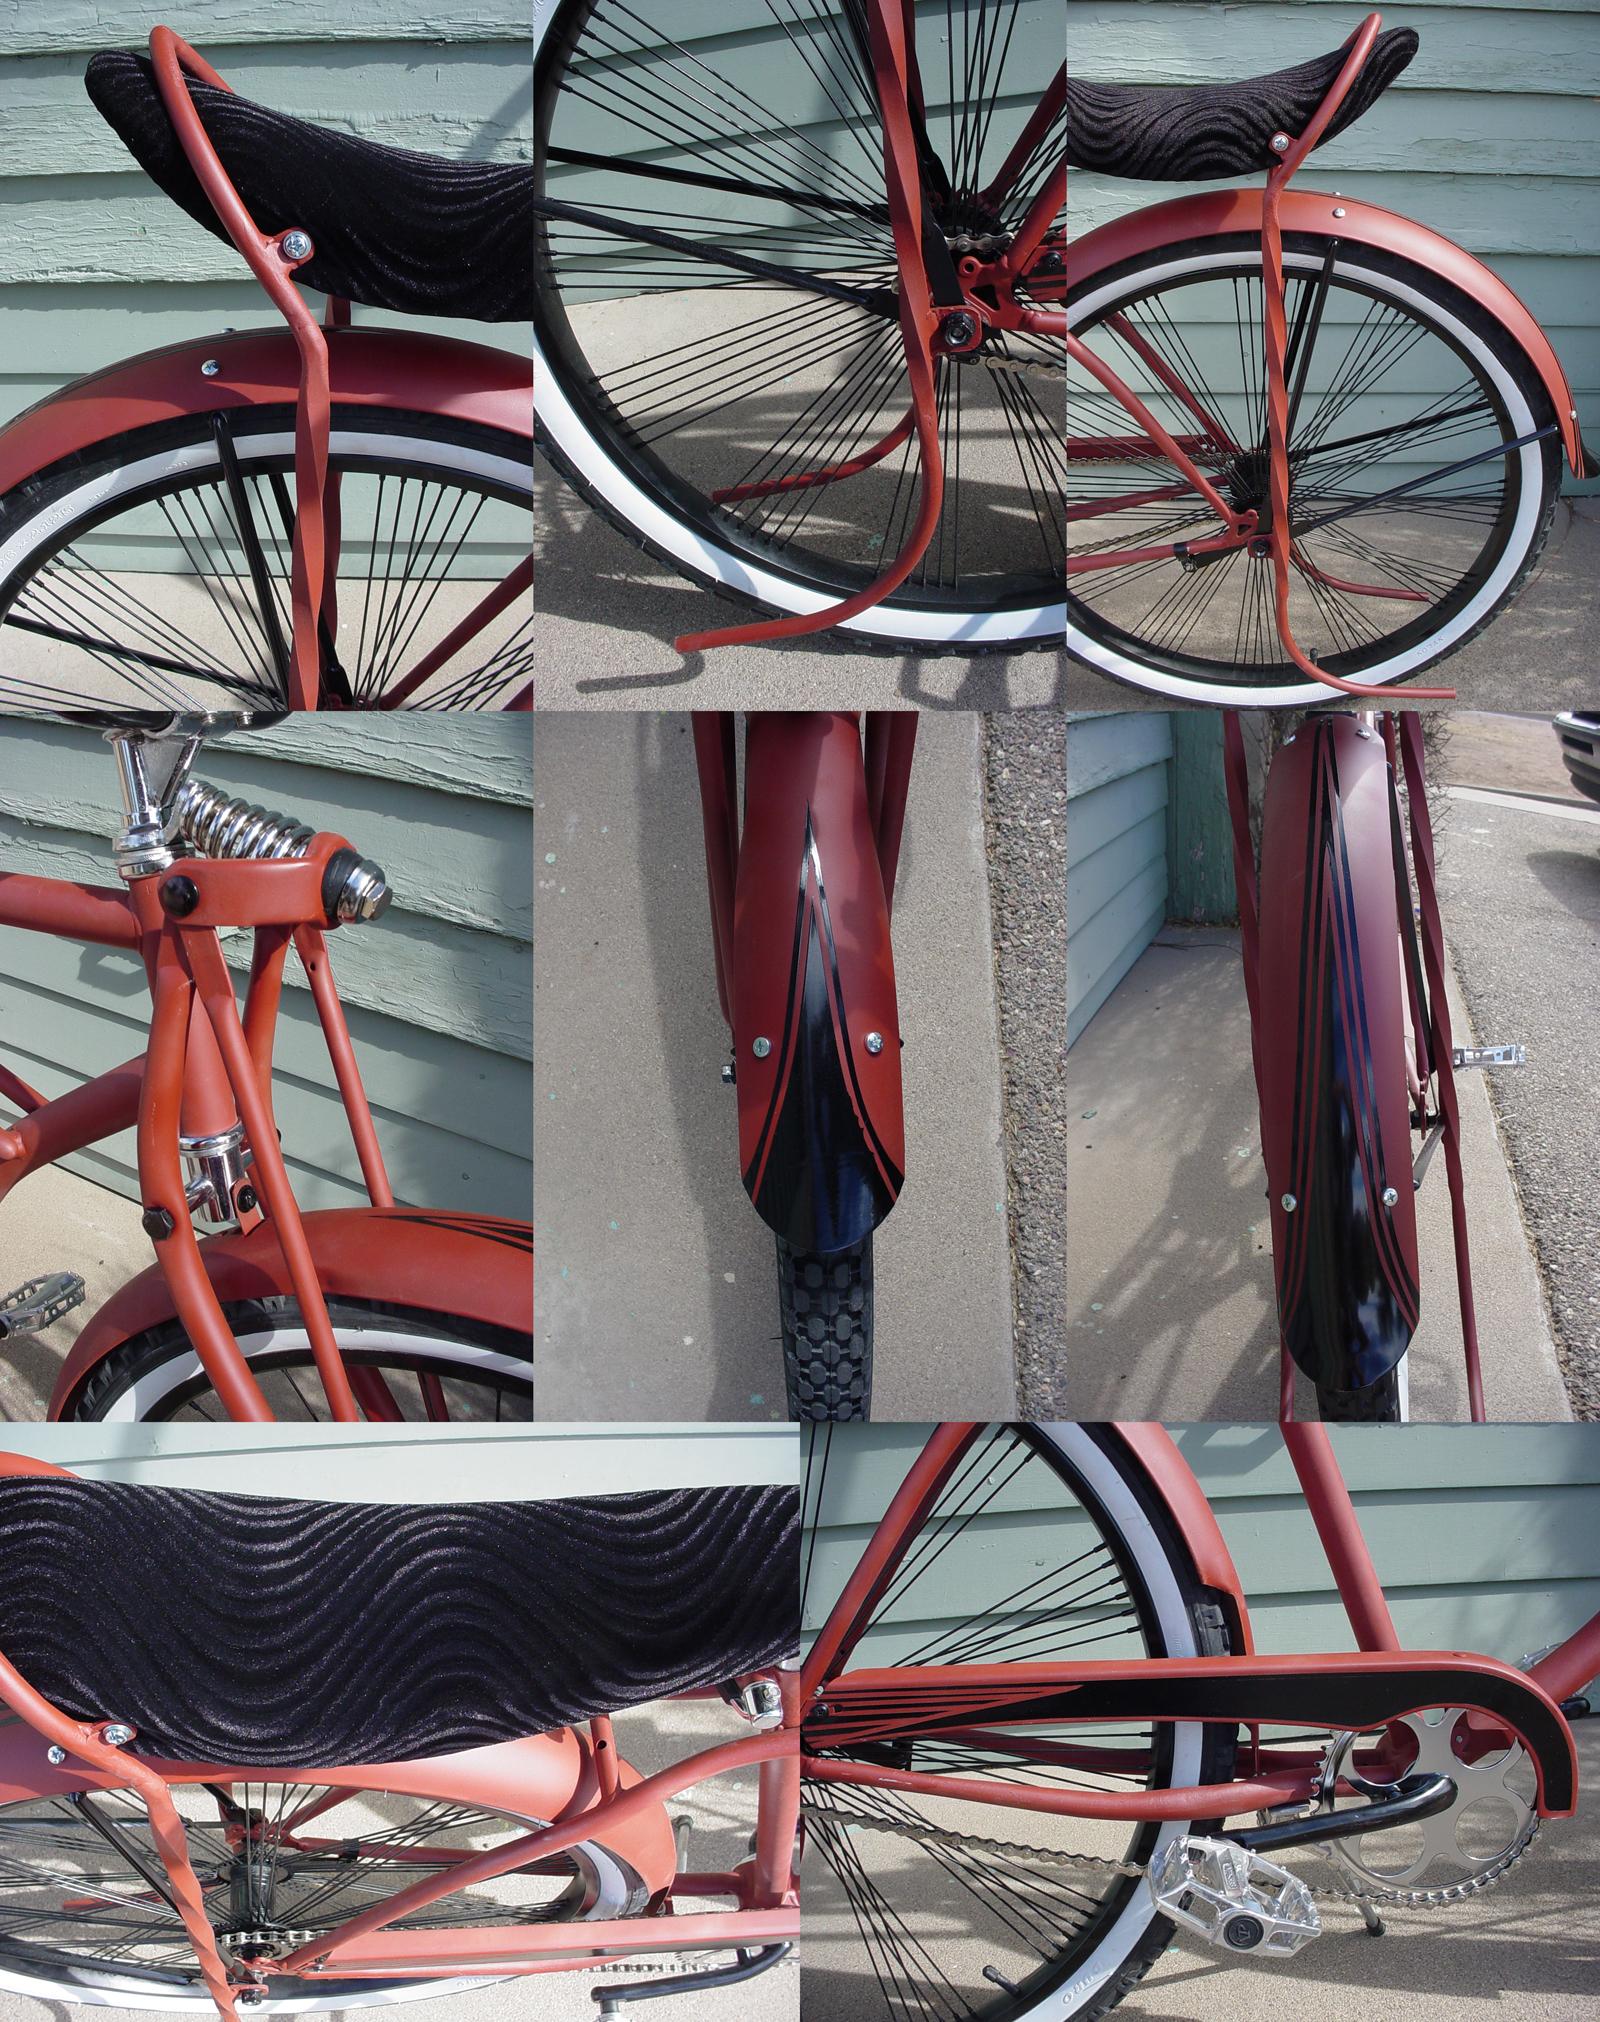 OldSchool Bike 2 by caesar1996